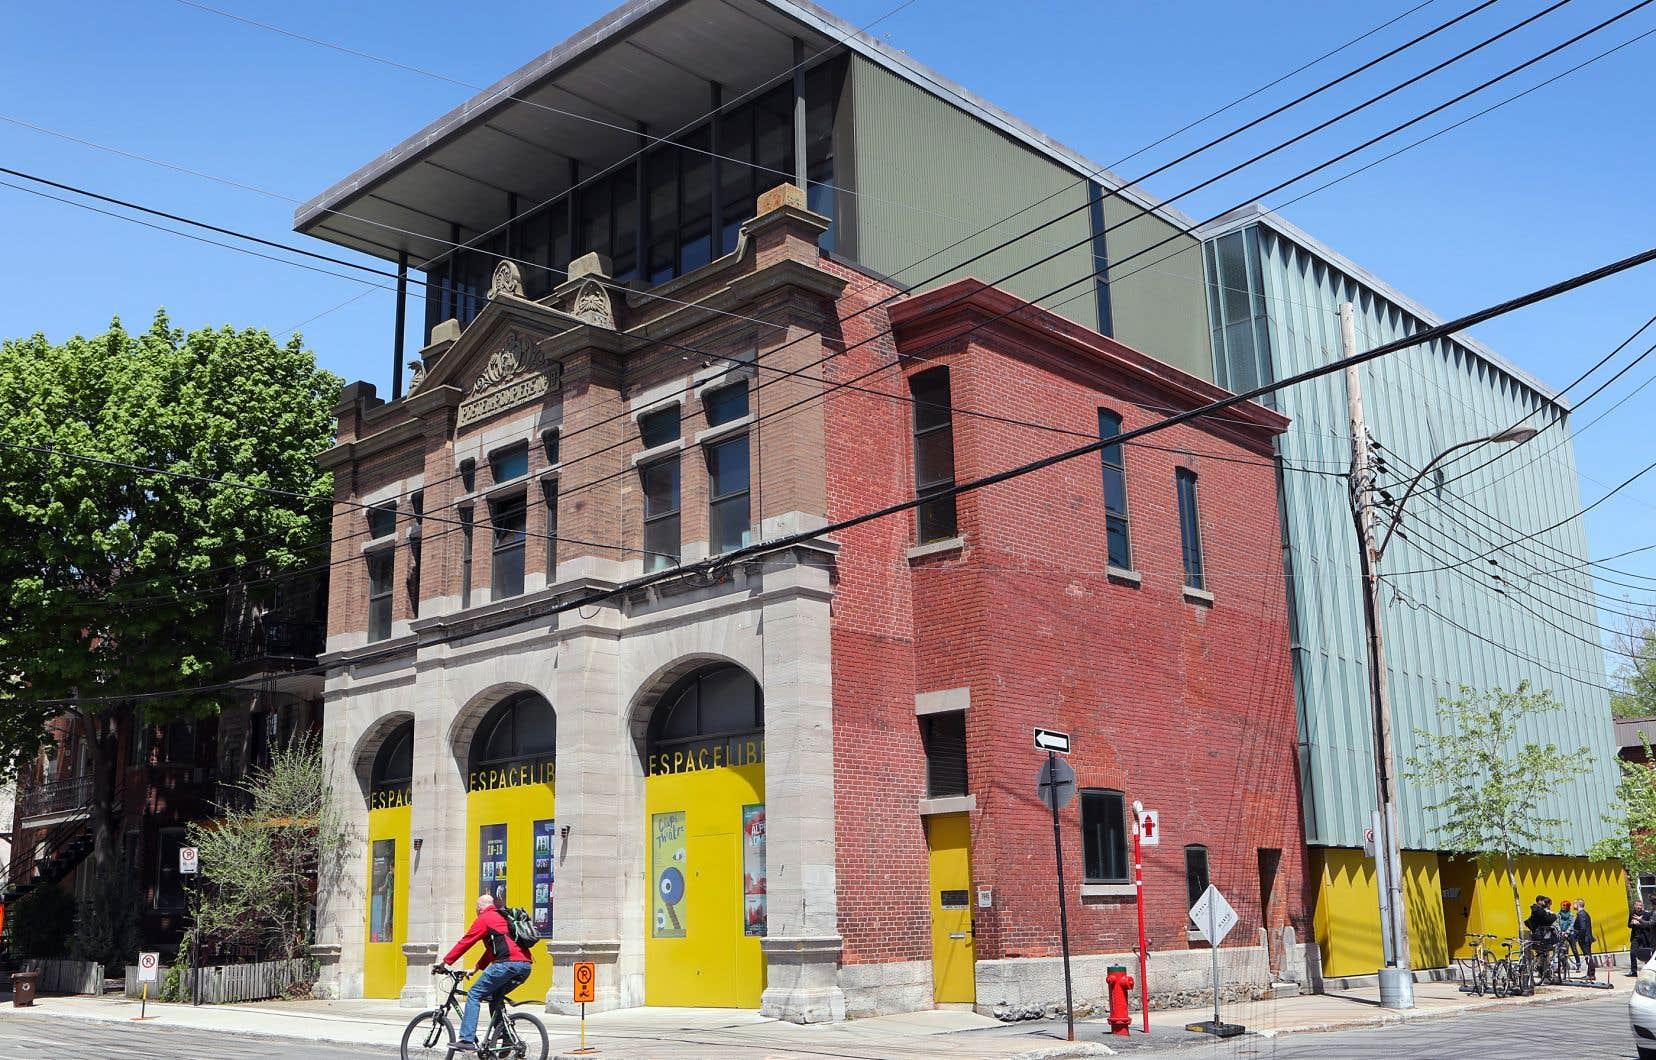 L'institution est située dans une ancienne caserne de pompiers.